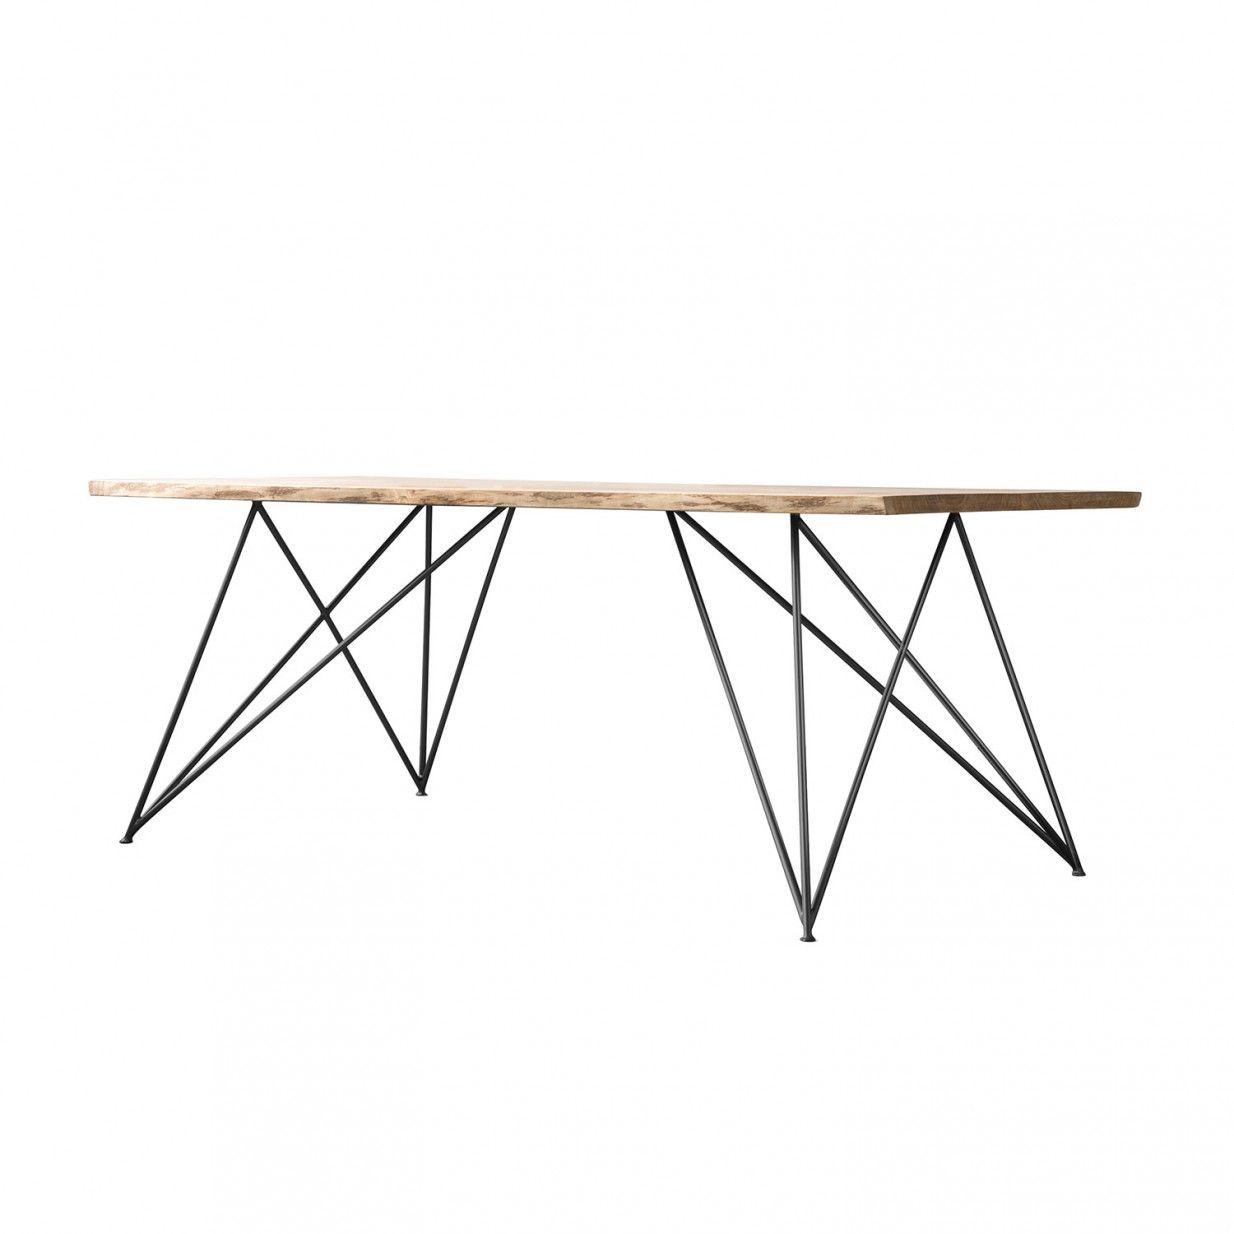 Oak Slim Tisch Nutsandwoods Tischbeine Metall Esstisch Beine